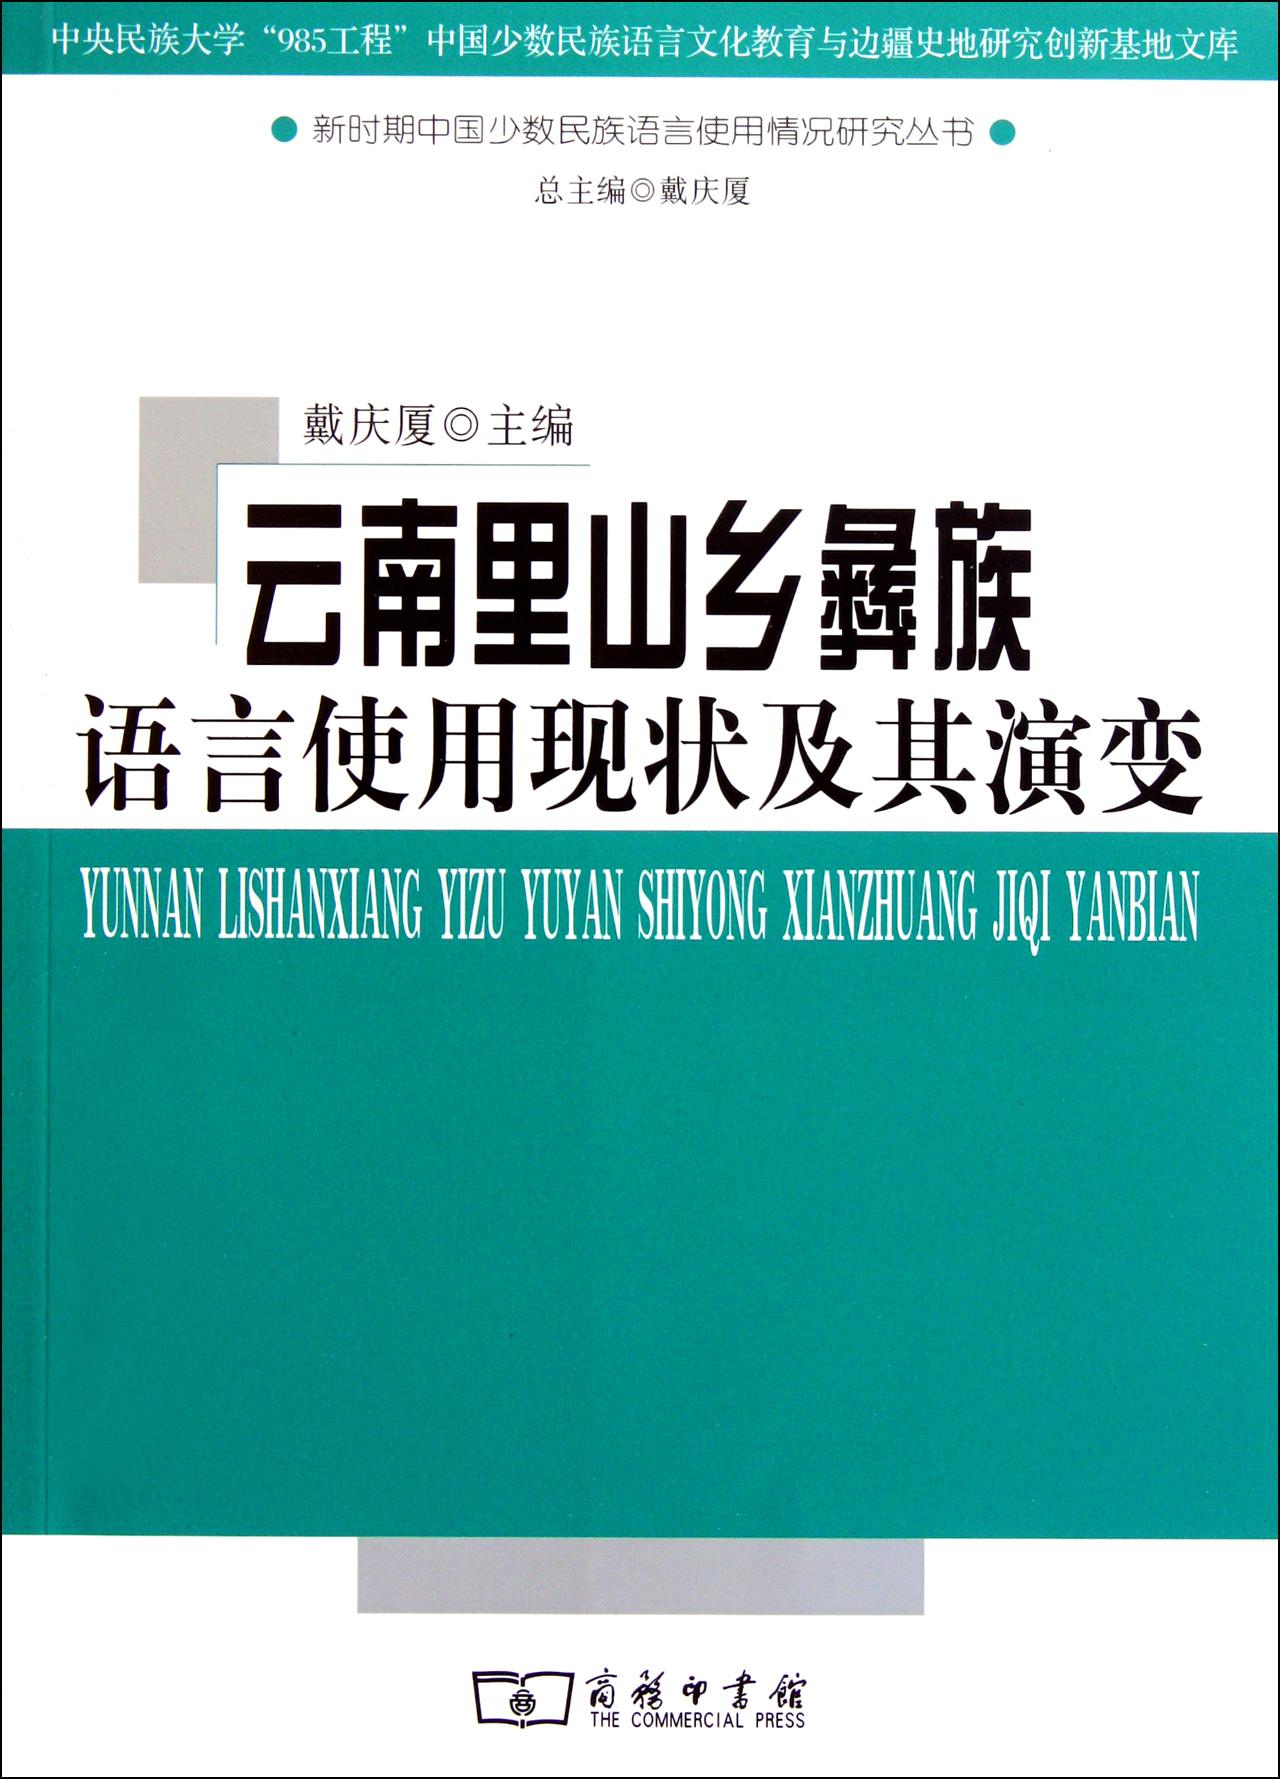 《云南里山乡彝族语言使用现状及其演变》